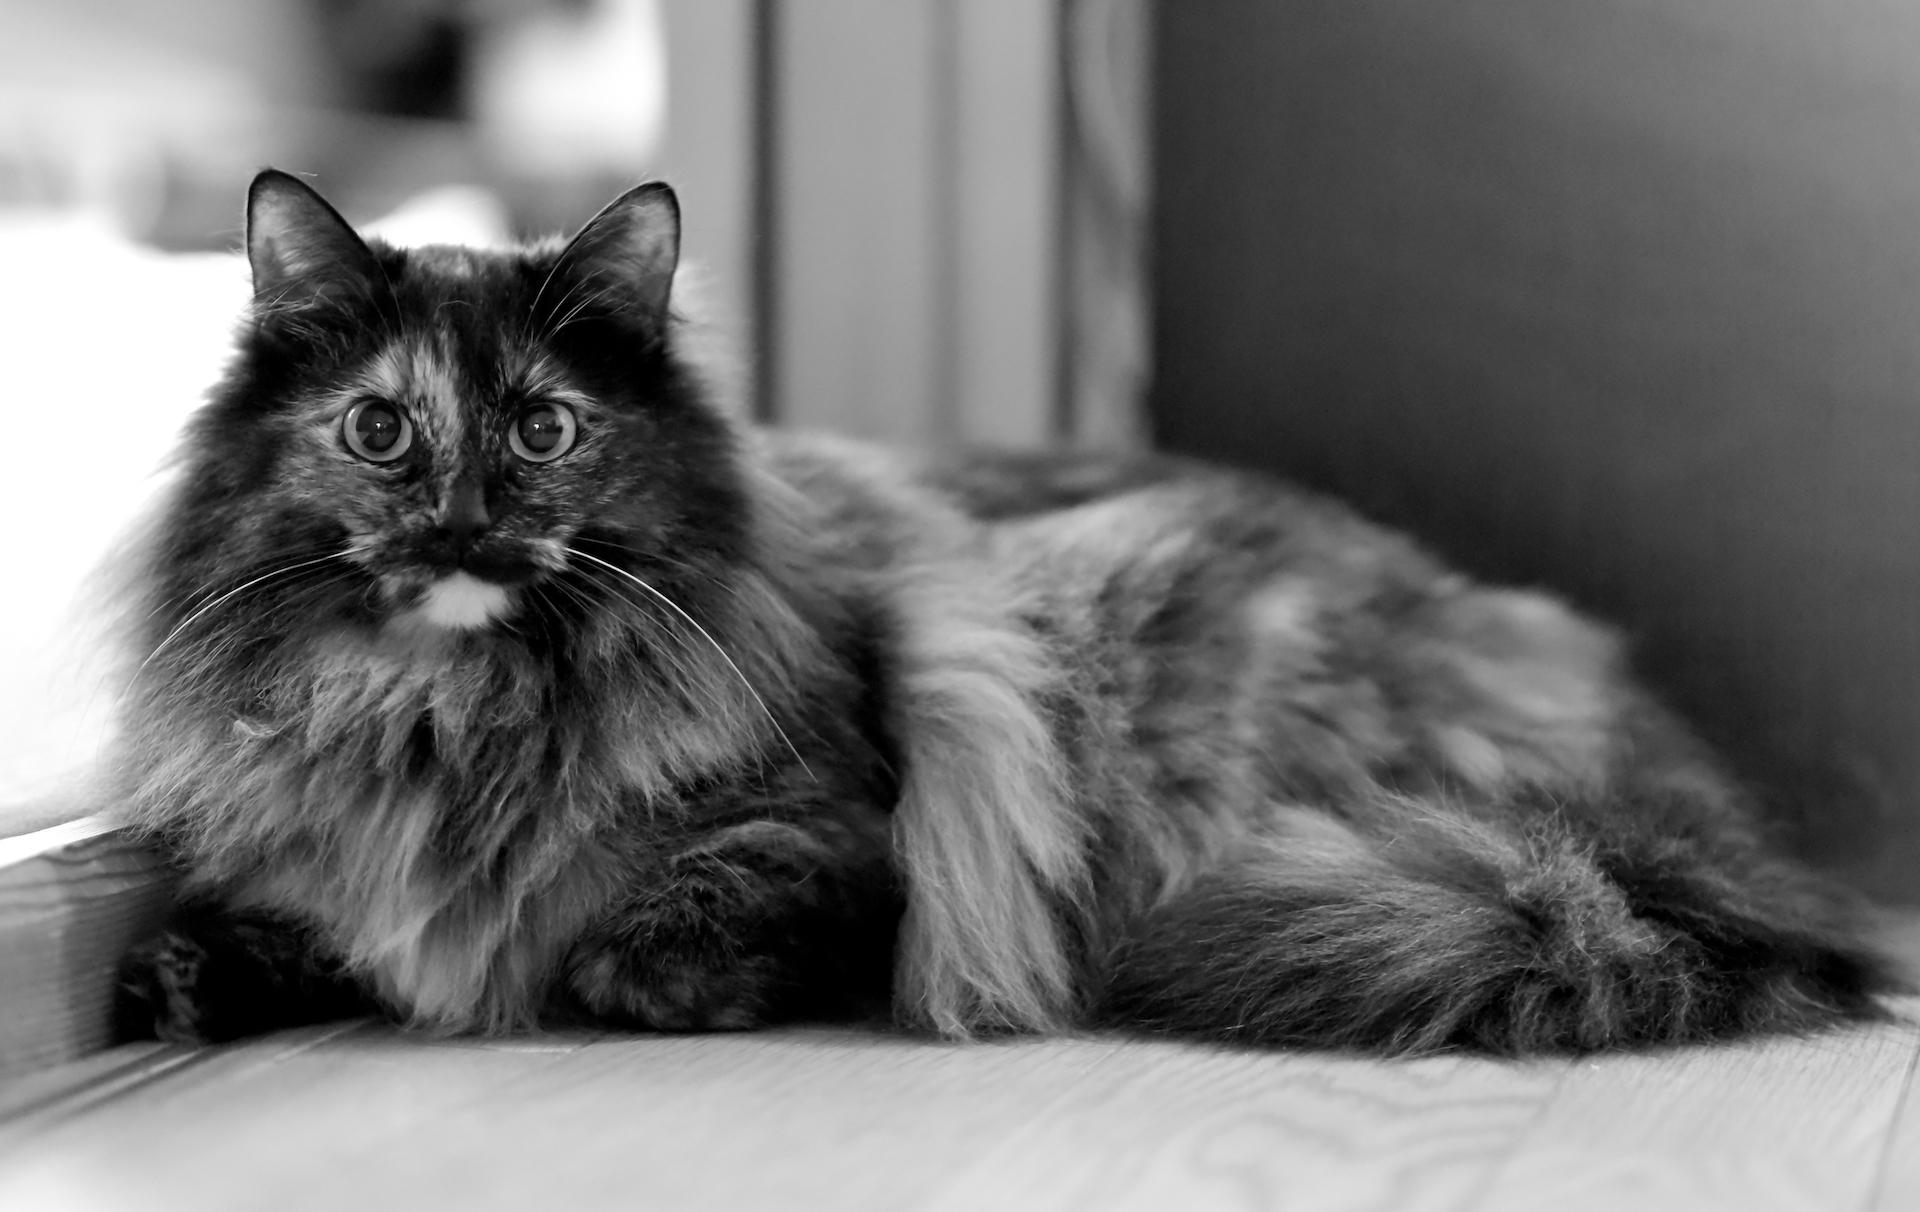 2019_05_14 Shaneys cats 06.JPG